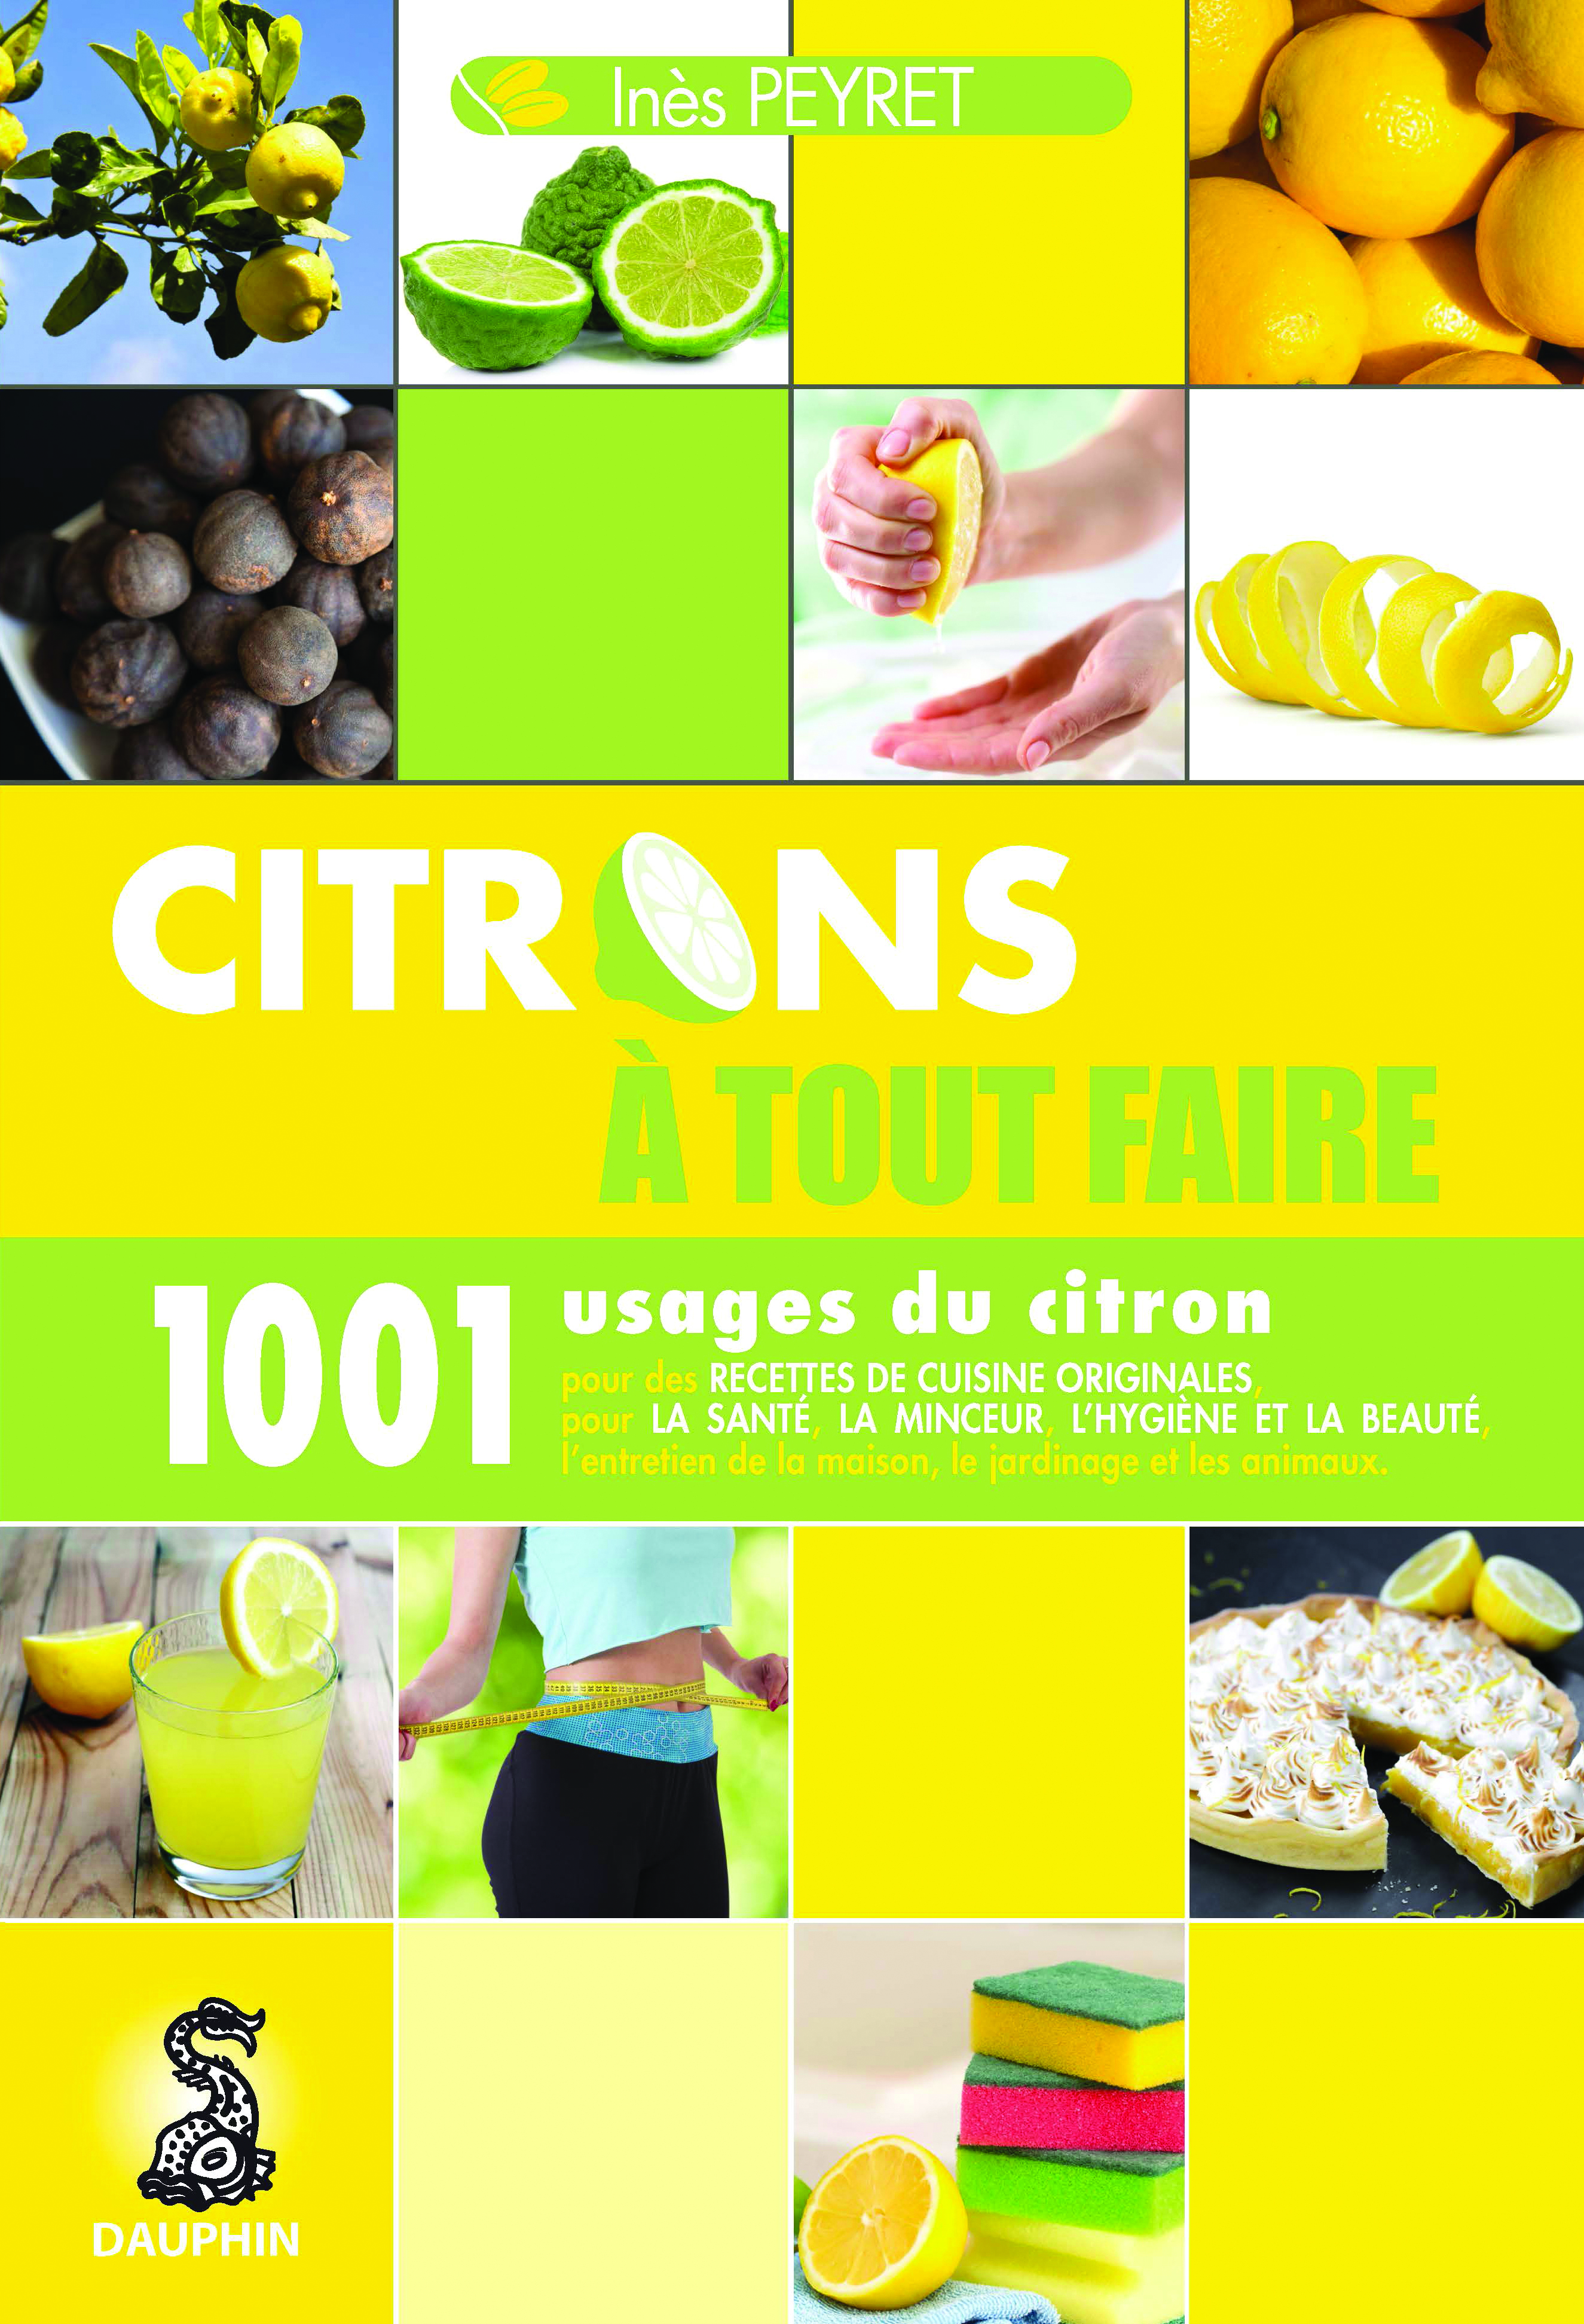 Citron_Recette_Sante_Minceur_Hygiene_Beaute